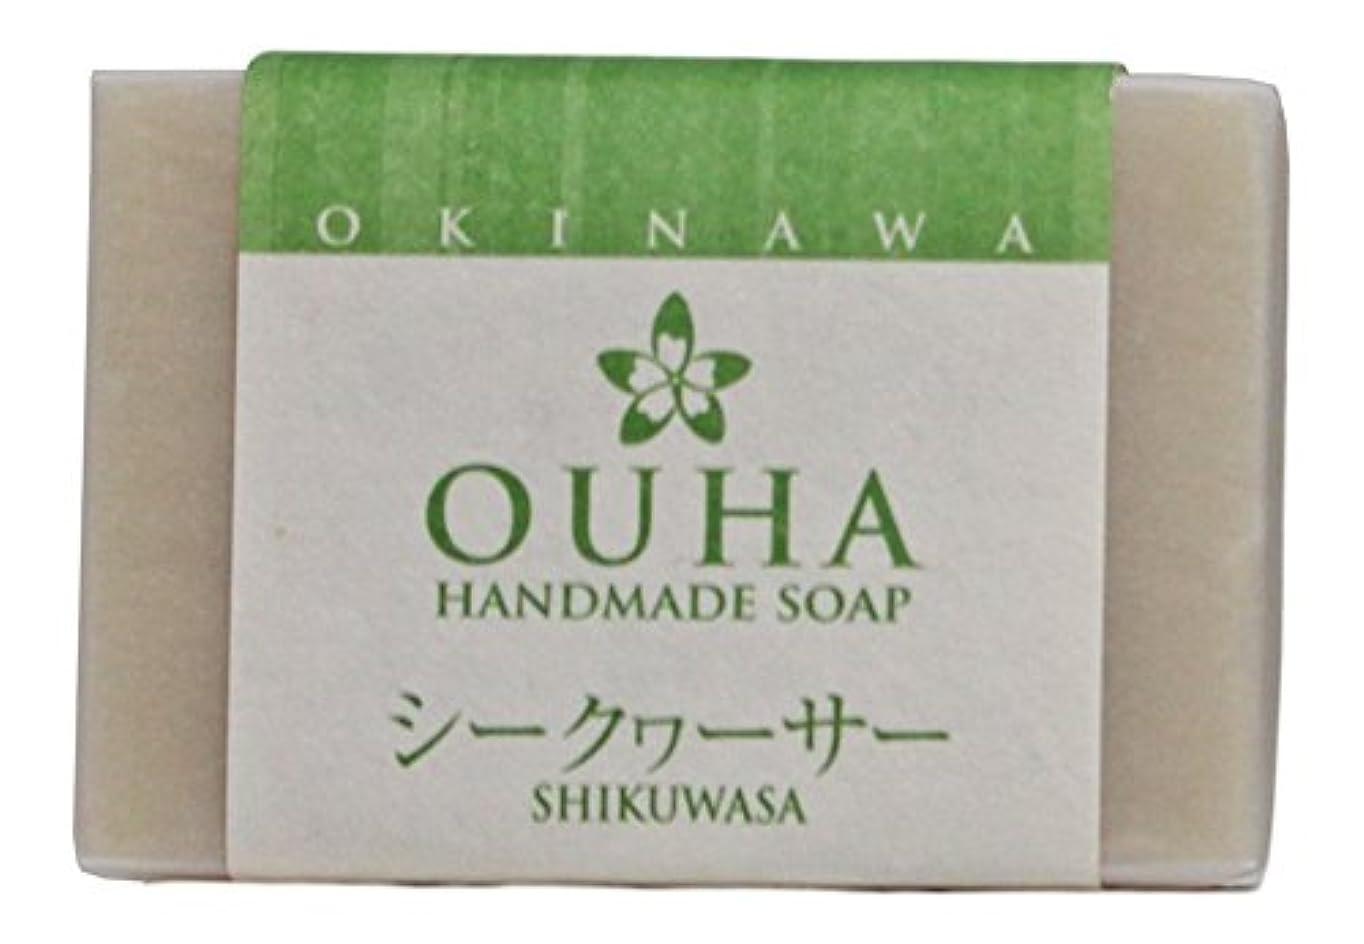 沖縄手作り洗顔せっけん OUHAソープ シークヮーサー 47g